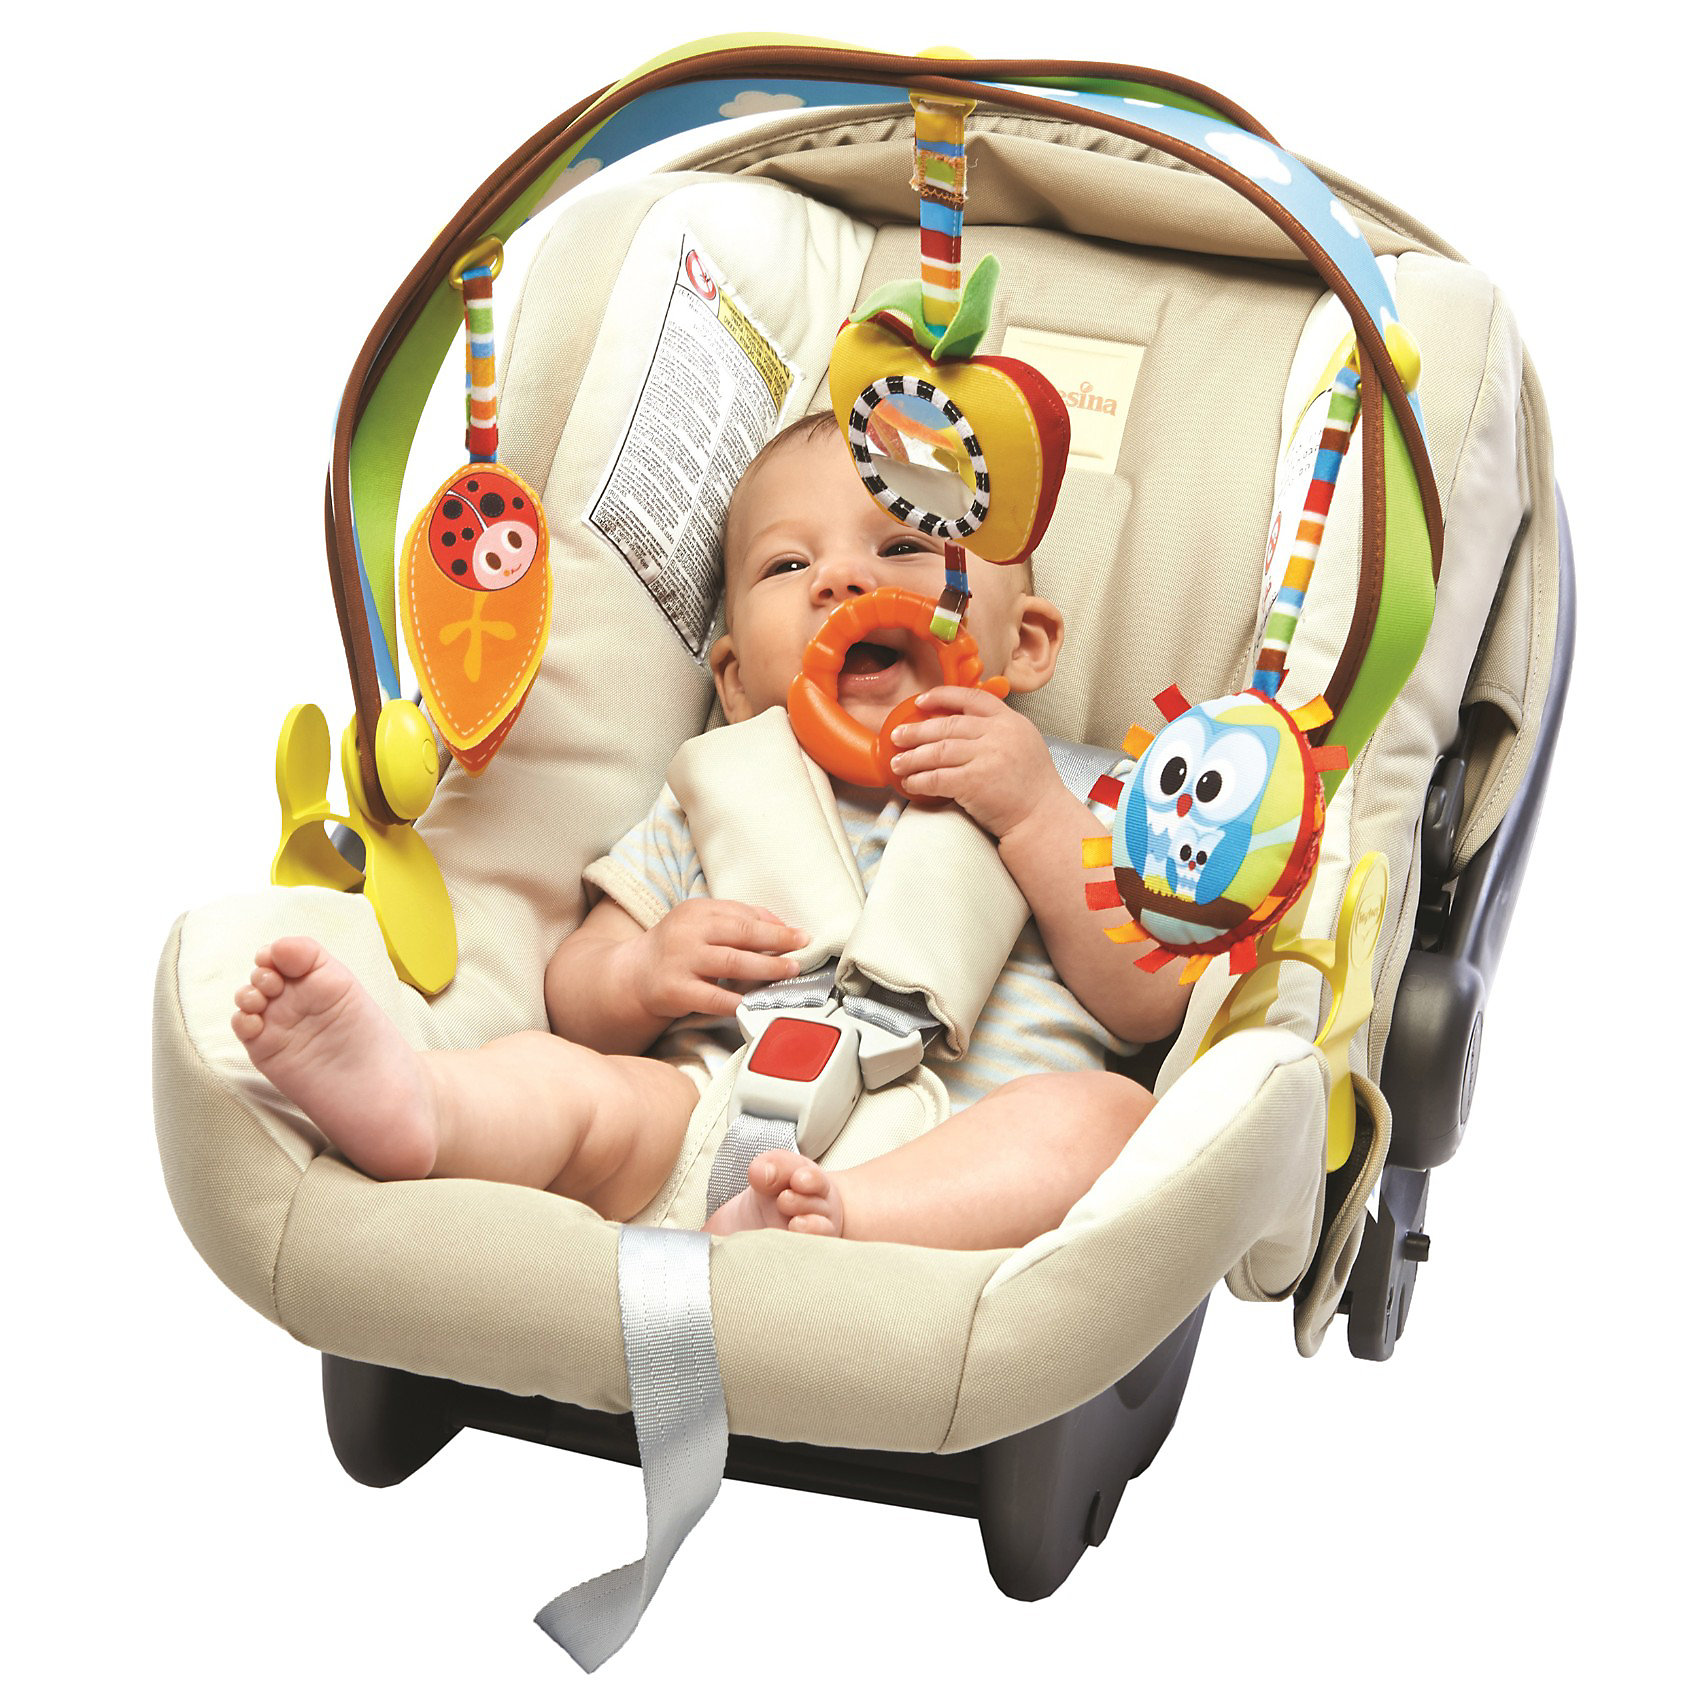 Дуга с подвесками Радуга, Tiny LoveДуга с подвесками Радуга, Tiny Love - это отличная игрушка для поездок, легко складывается, упаковывается и развлекает ребенка в пути.<br>Дуга с подвесками Радуга, Tiny Love привлечет внимание вашего малыша и заставит его улыбаться. Дуга плотно крепится на коляску или автокресло с помощью удобных пластиковых клипс с регулировкой ширины зажима. Универсальное крепление подходит для большинства колясок и переносок. 3 мягкие симпатичные игрушки подвешиваются к дуге за мягкие петли, на высоту, удобную для малыша. Гибкая арка позволяет легко наклонить игрушку к ребенку. Игрушки крепятся к дуге с помощью вибрирующих лент и весело раскачиваются при поездке. Разные на ощупь материалы игрушки (мягкие, шуршащие) способствуют развитию тактильных ощущений у малышей. Яркие цвета привлекут внимание ребенка. В процессе игры у ребенка развивается наблюдательность и умение фокусировать взгляд на предметах, закрепляется навык хватать и удерживать в руках предметы. Дуга с подвесками Радуга изготовлена из экологически чистых материалов, использованы исключительно безопасные вещества для окрашивания.<br><br>Дополнительная информация:<br><br>- В комплекте: прорезыватель, безопасное зеркальце, шуршащий листик, игрушка с изображением совы<br>- Возраст: от 0 мес. (с рождения)<br>- Размер дуги: 48 х 30 х 7 см.<br>- Размер упаковки: 50 х 31 х 7 см.<br>- Вес: 0,6 кг.<br><br>Дугу с подвесками Радуга, Tiny Love (Тини Лав) можно купить в нашем интернет-магазине.<br><br>Ширина мм: 474<br>Глубина мм: 319<br>Высота мм: 78<br>Вес г: 580<br>Возраст от месяцев: 0<br>Возраст до месяцев: 12<br>Пол: Унисекс<br>Возраст: Детский<br>SKU: 3563563